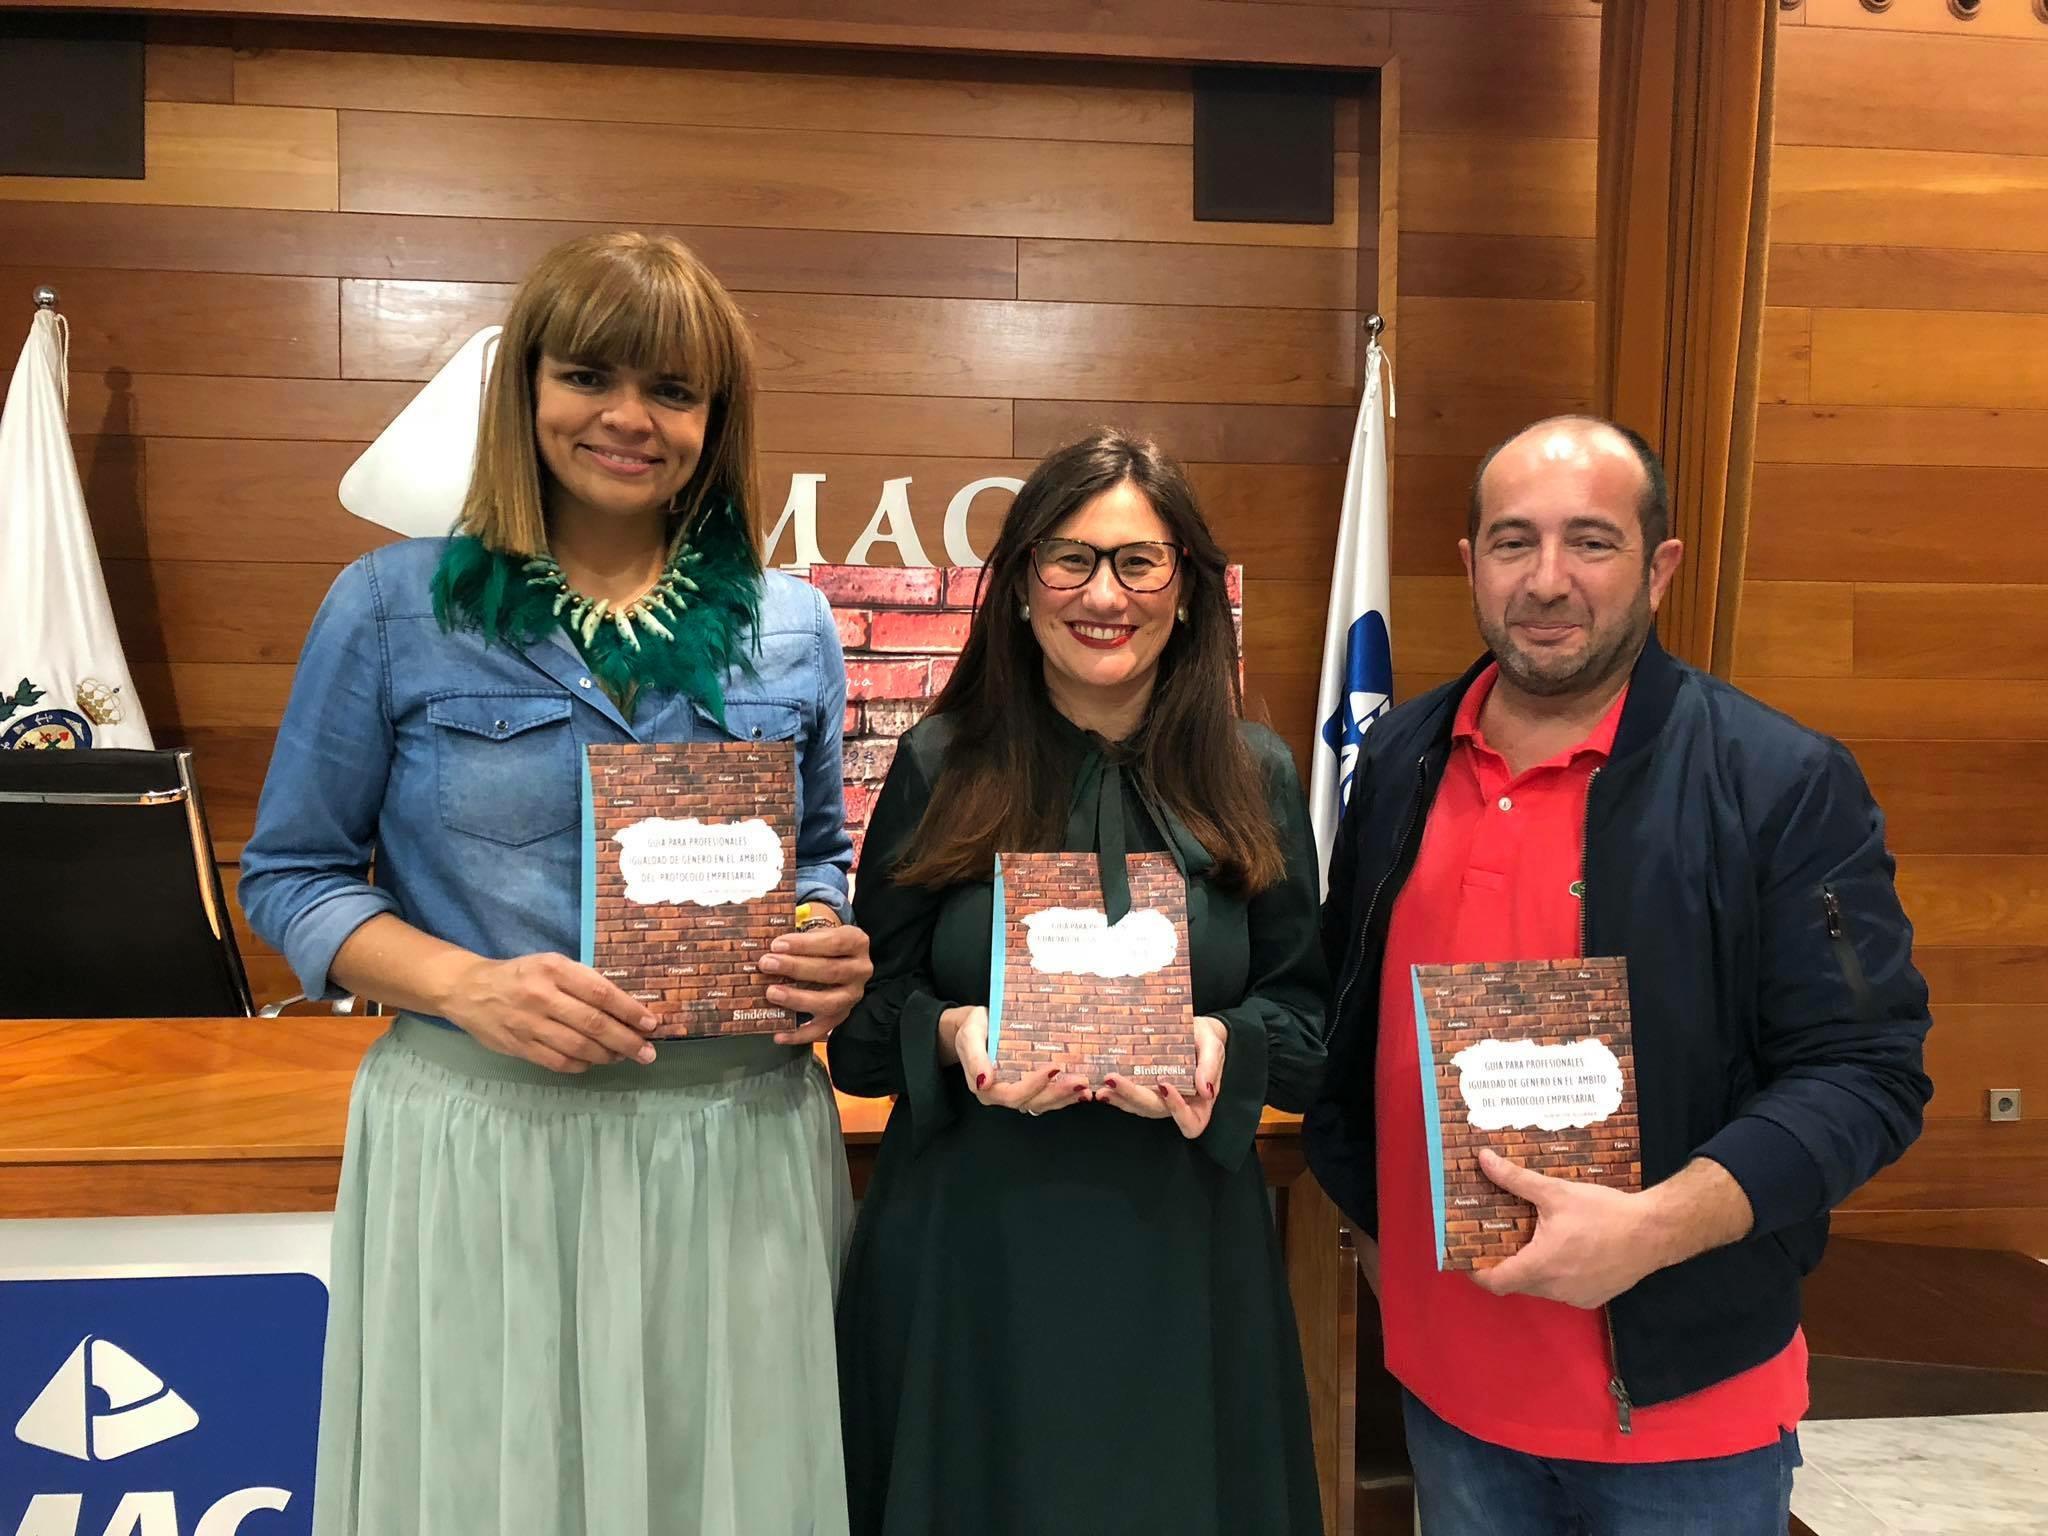 La Entrevista a Flor de Paz Alcántara. Profesional experta en Protocolo y Relaciones Institucionales